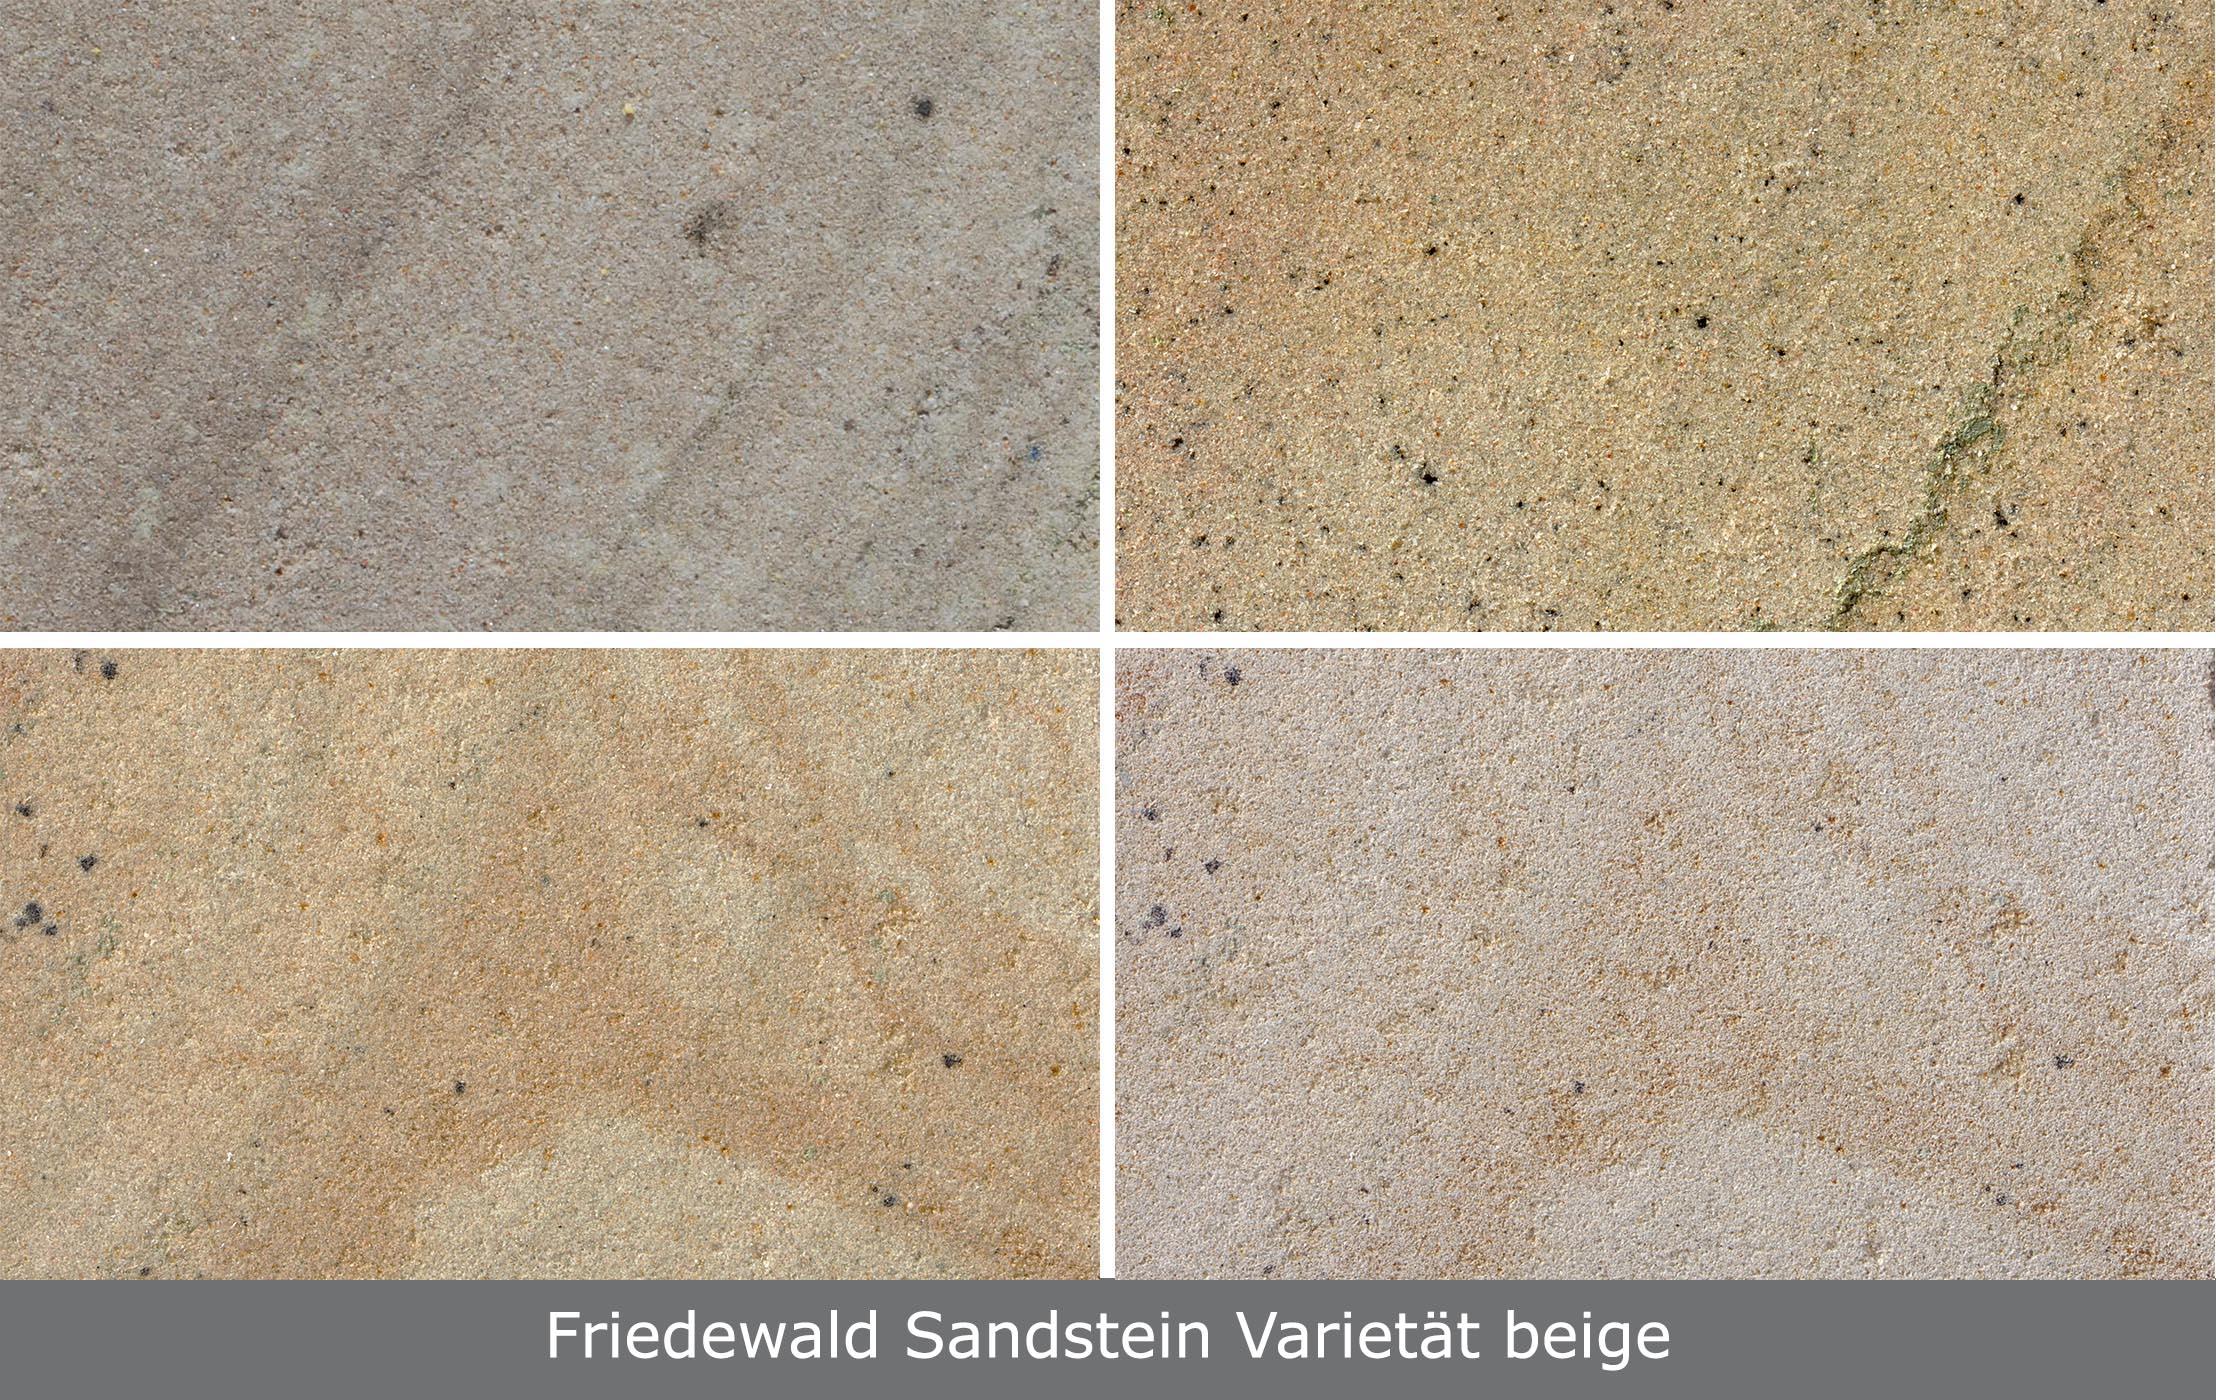 Friedewald Sandstein Varietät beige - TRACO